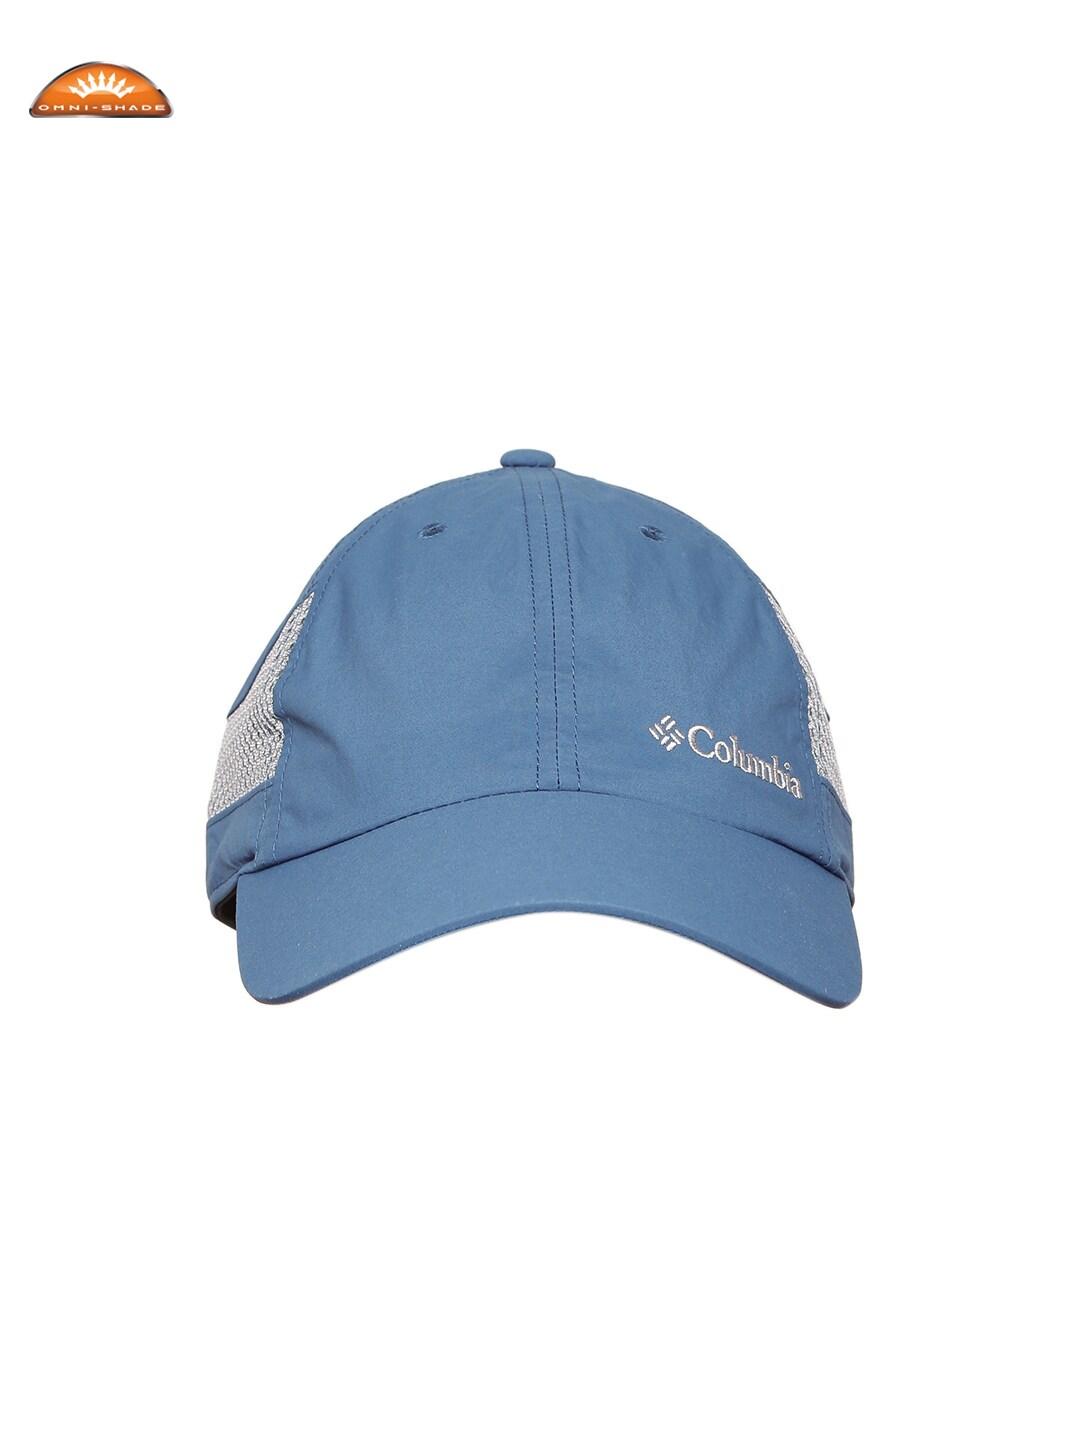 9342cc02ac3 Nylon Caps - Buy Nylon Caps online in India